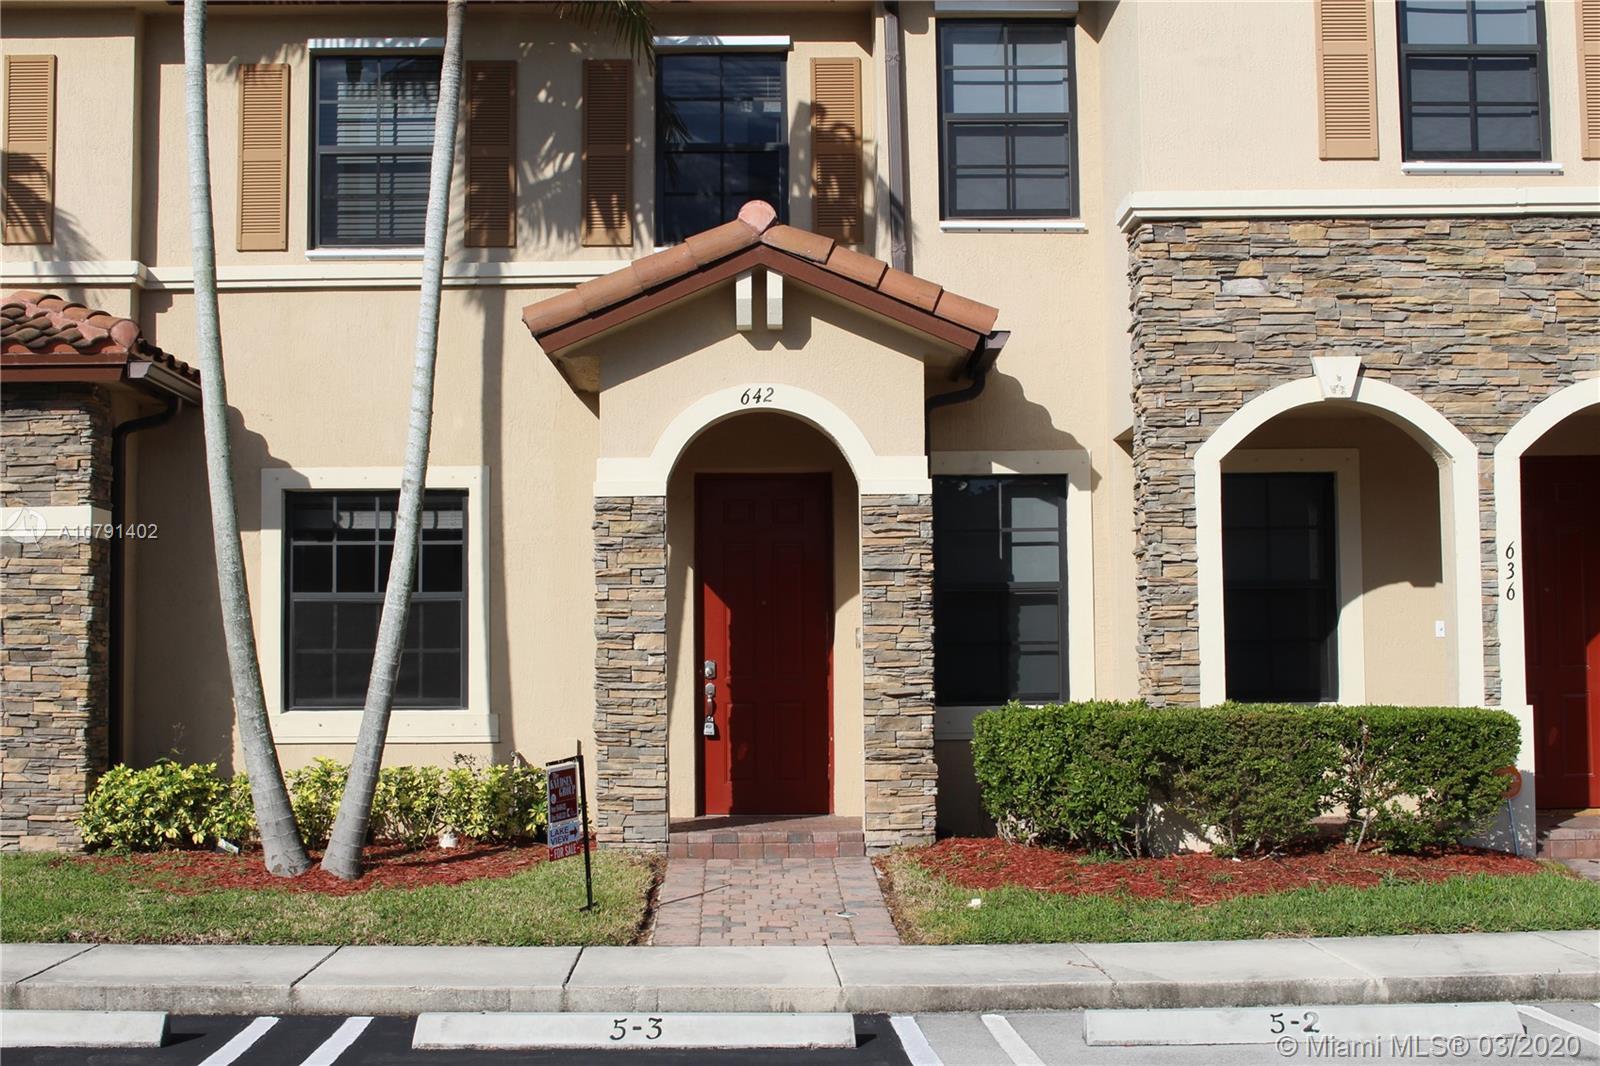 642 SE 32nd Ave. #0, Homestead, FL 33033 - Homestead, FL real estate listing